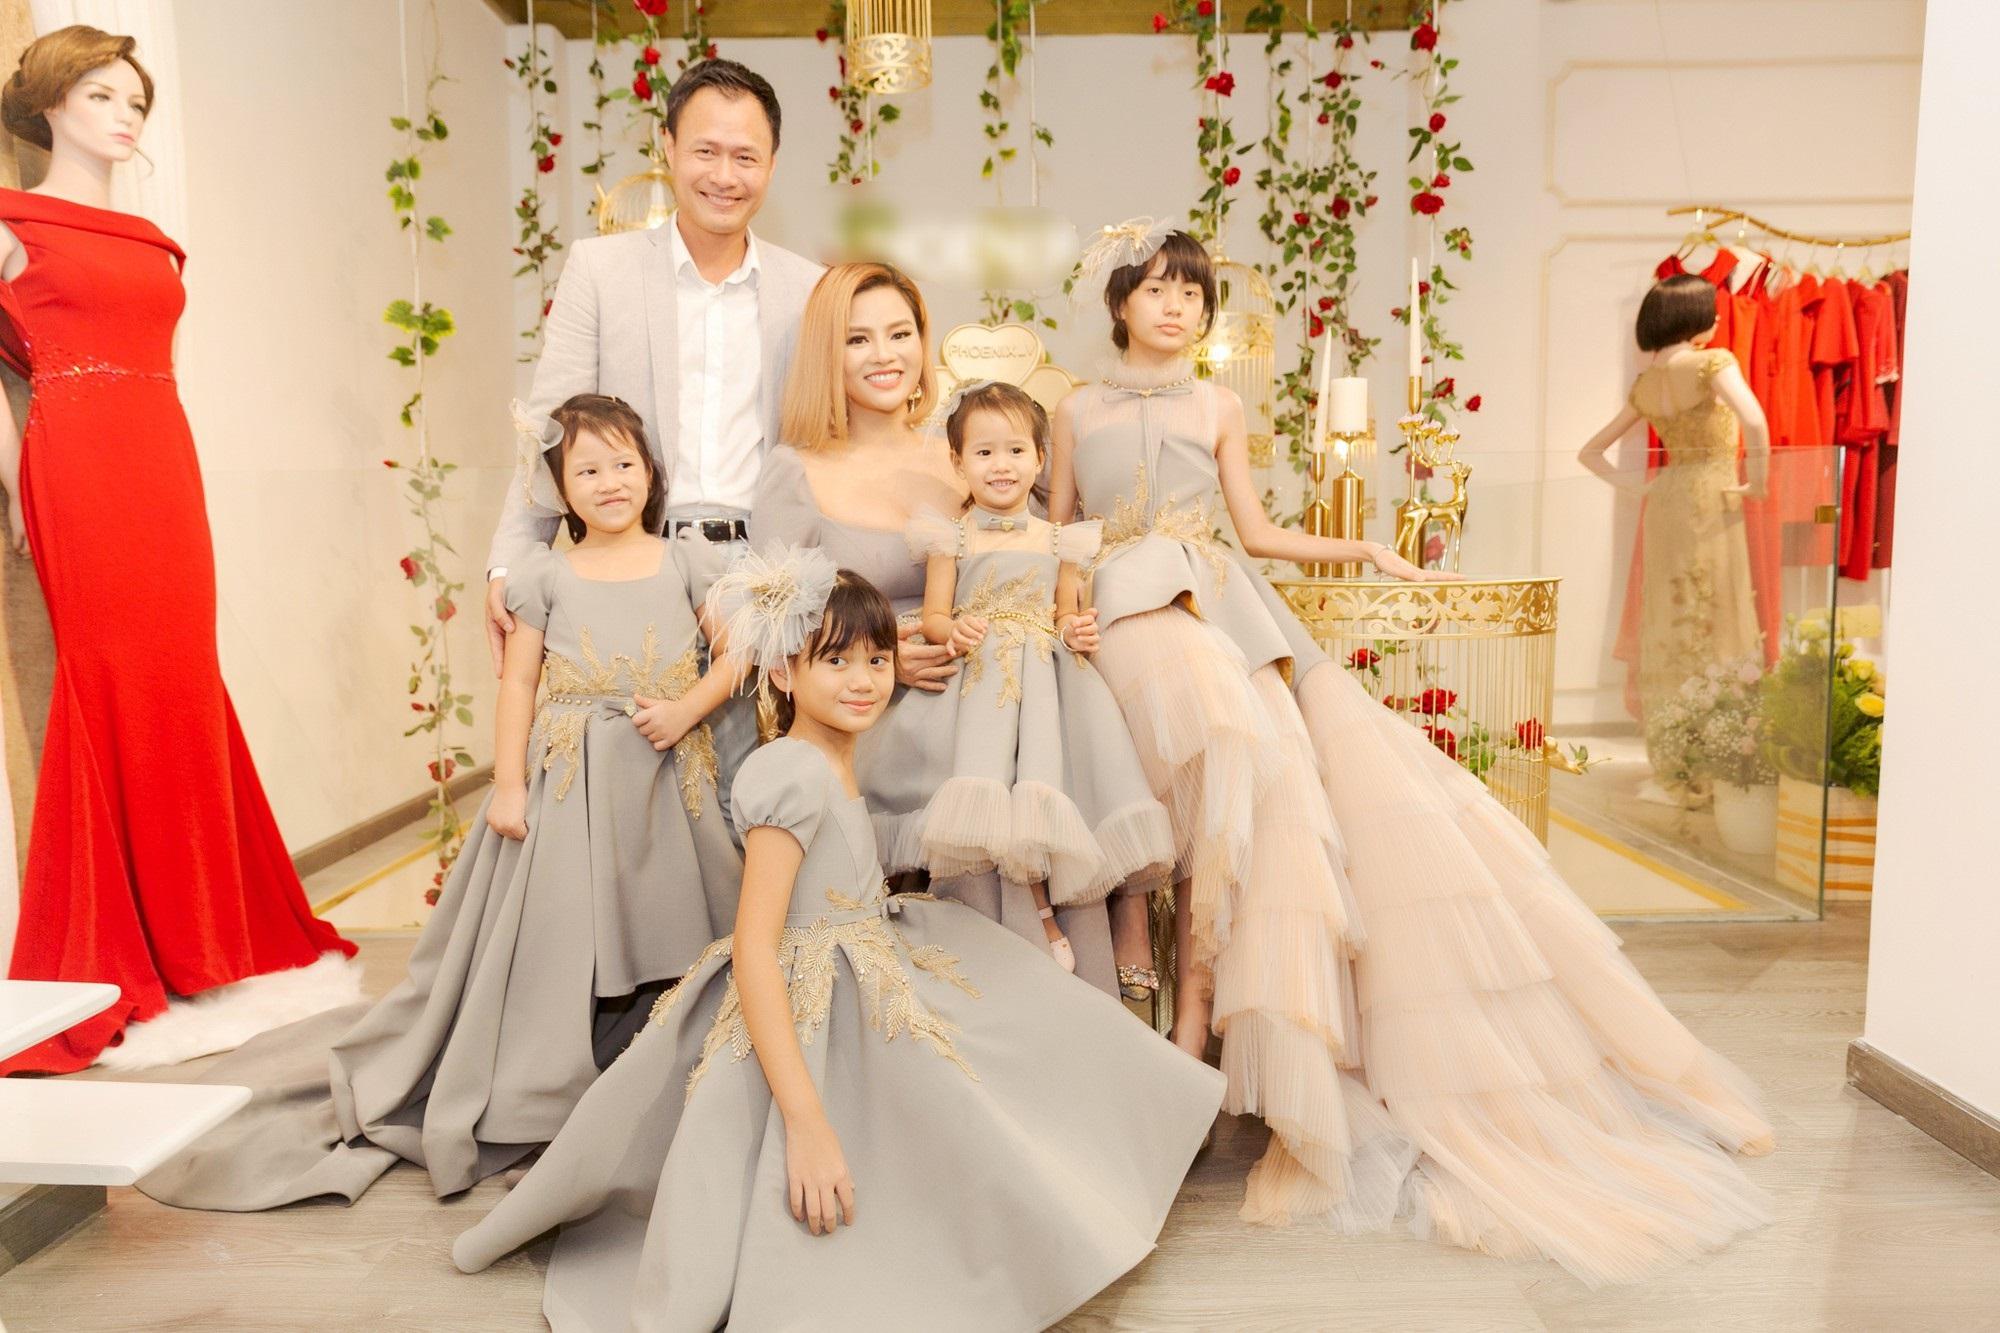 Lấy chồng giàu siêu mẫu Thu Phương vẫn gây bất ngờ với cách dạy con gái riêng của chồng - Ảnh 1